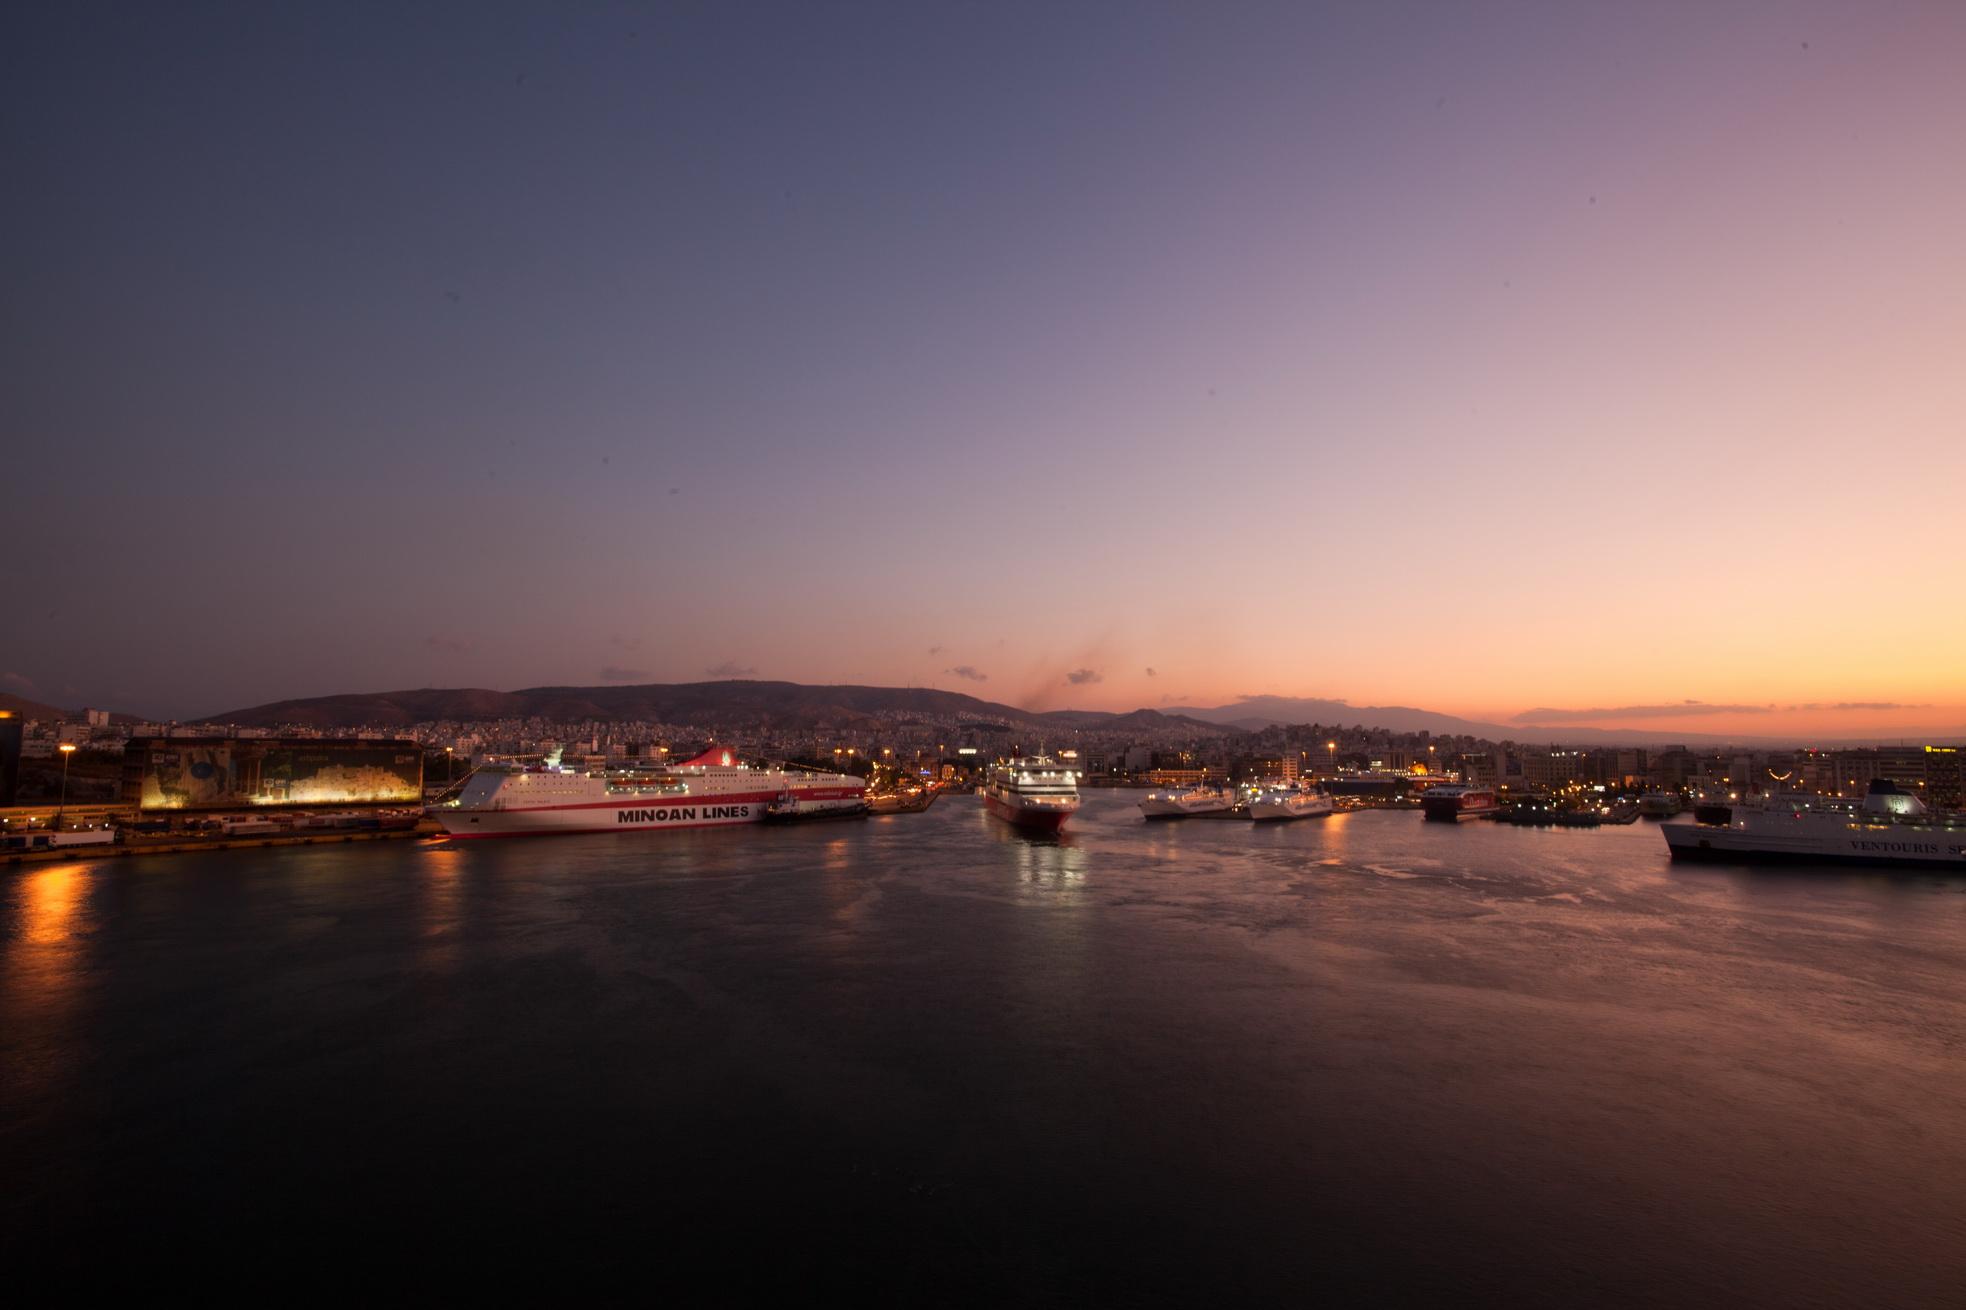 MS Festos Palace IMO 9204568 Minoan Lines docked Piraeus Port of Athens Greece 03